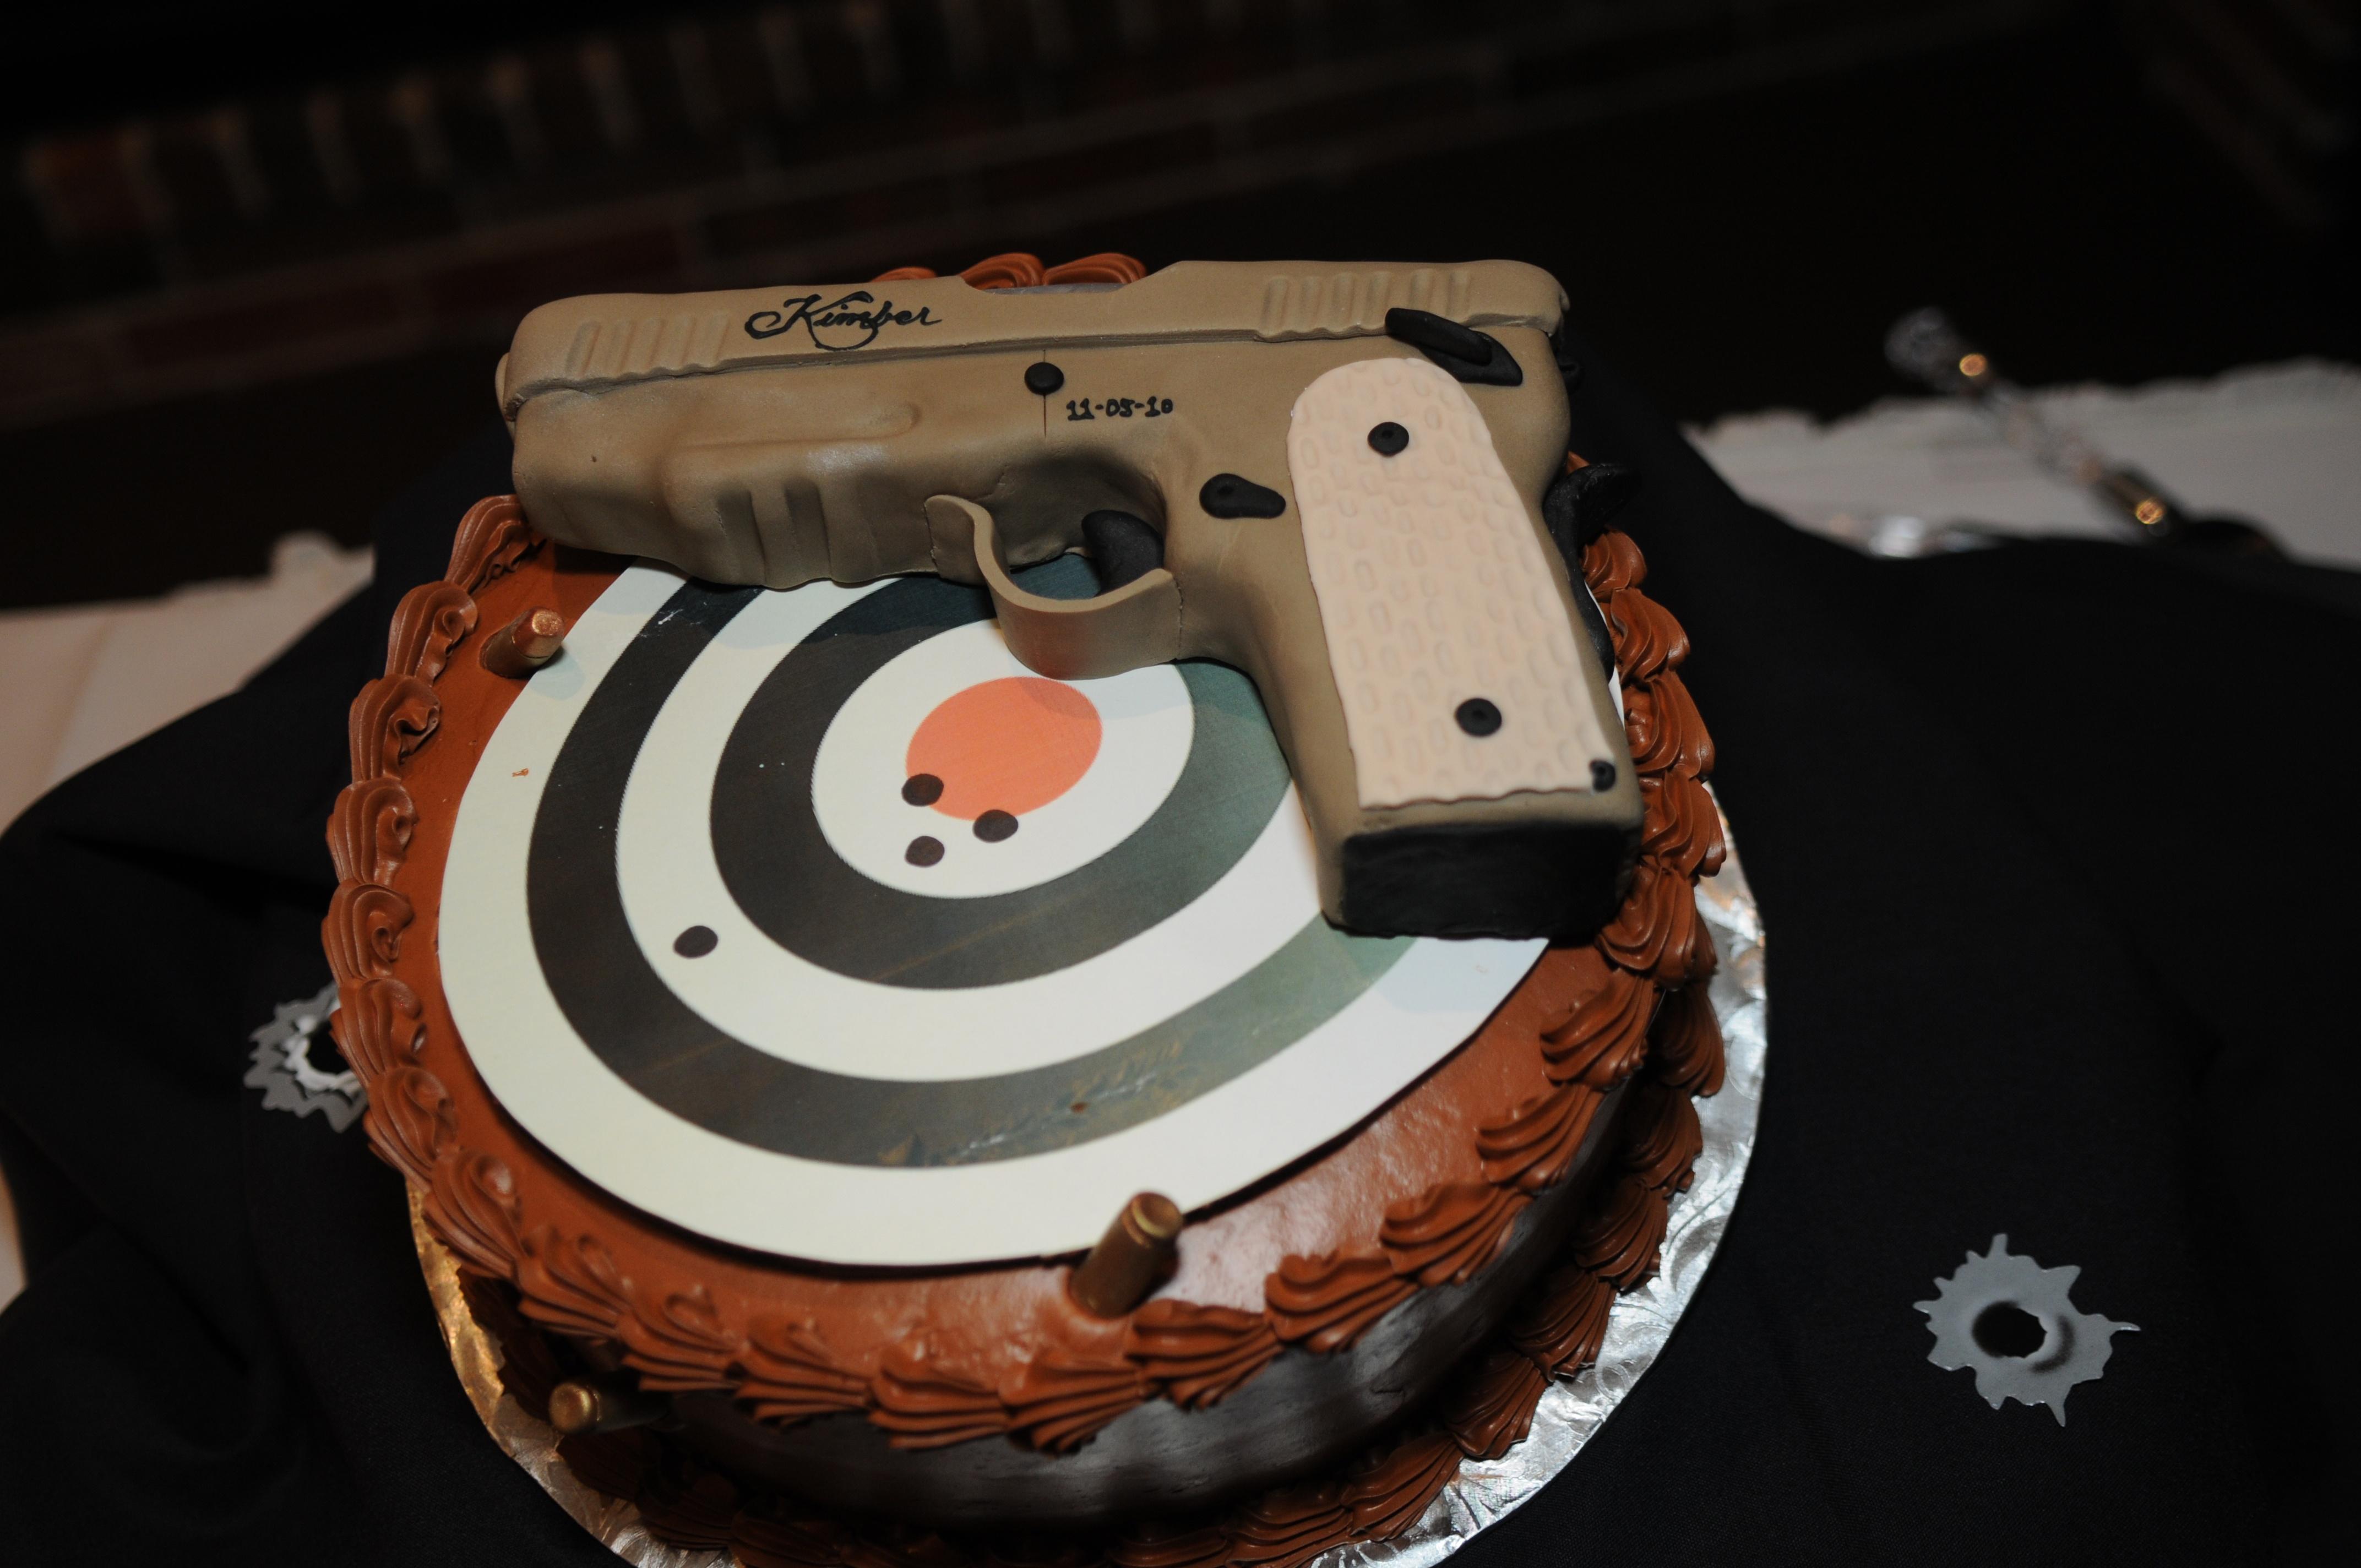 Kimber Gun and Target